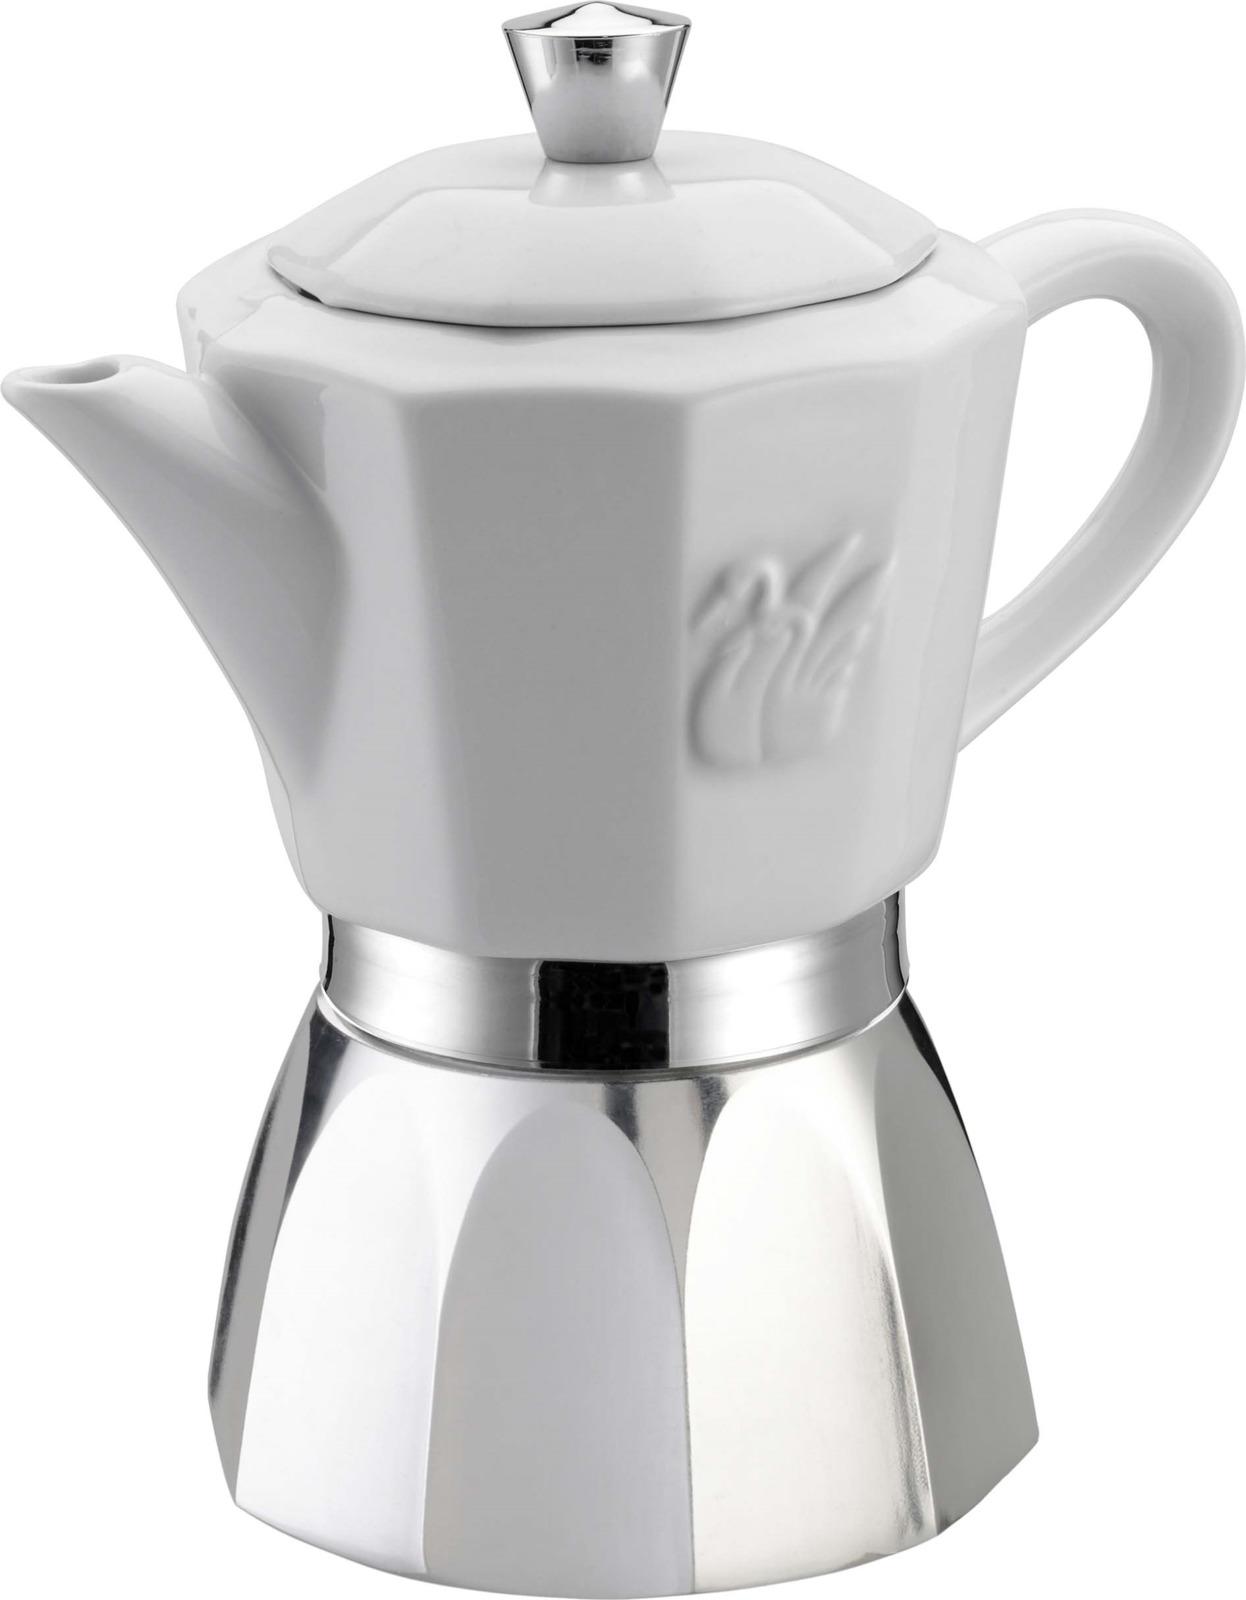 Кофеварка гейзерная G.A.T. 01-120-04 CHIC. Кофеварка рассчитана на 4 чашки. За считанные минуты прибор приготовит ваш любимый напиток и моментально наполнит кухню изумительным ароматом. Прочная основа придает кофеварке легкость и надежность, а стильный дизайн добавит кухонному интерьеру элегантности и особого шарма. Основные отличительные особенности кофеварок Chic: удобный носик для наливания кофе, специальное внутреннее покрытие, обеспечивающее легкую очистку и обслуживание, емкость для кофе из фарфора, кофеварка подходит для использования на всех типах плит, в том числе и индукционных.